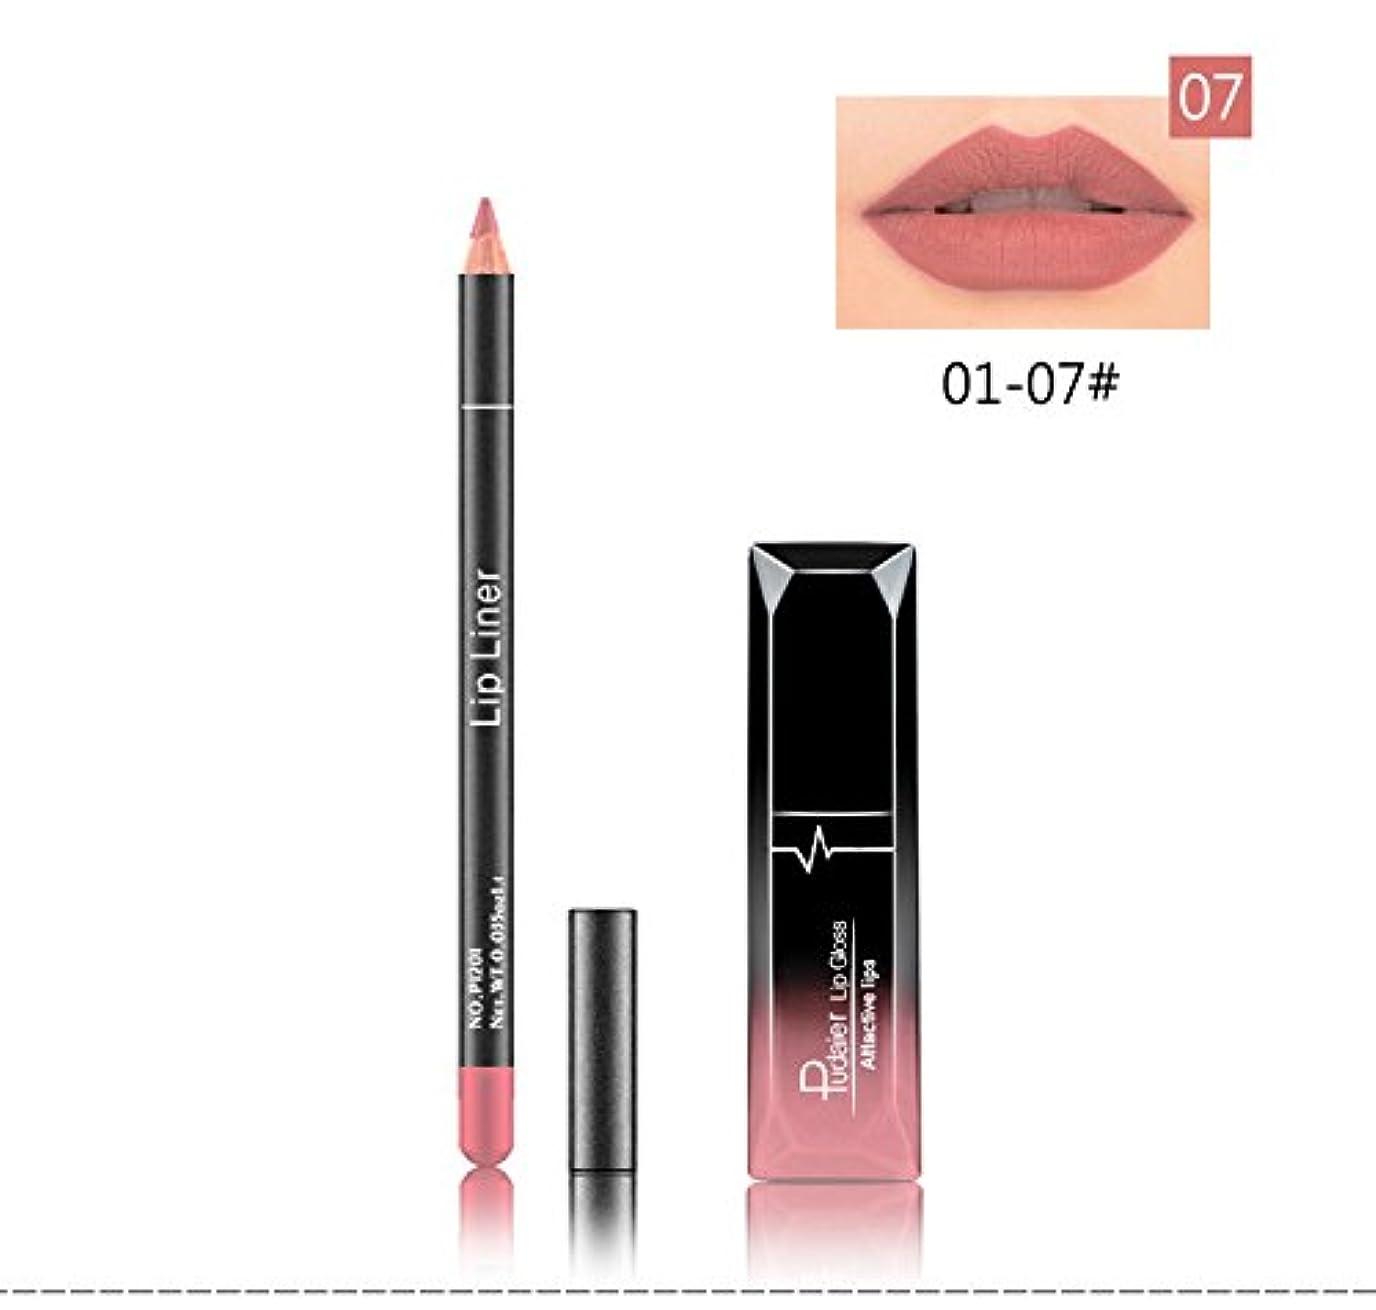 弾丸飼い慣らす世辞(07) Pudaier 1pc Matte Liquid Lipstick Cosmetic Lip Kit+ 1 Pc Nude Lip Liner Pencil MakeUp Set Waterproof Long Lasting Lipstick Gfit